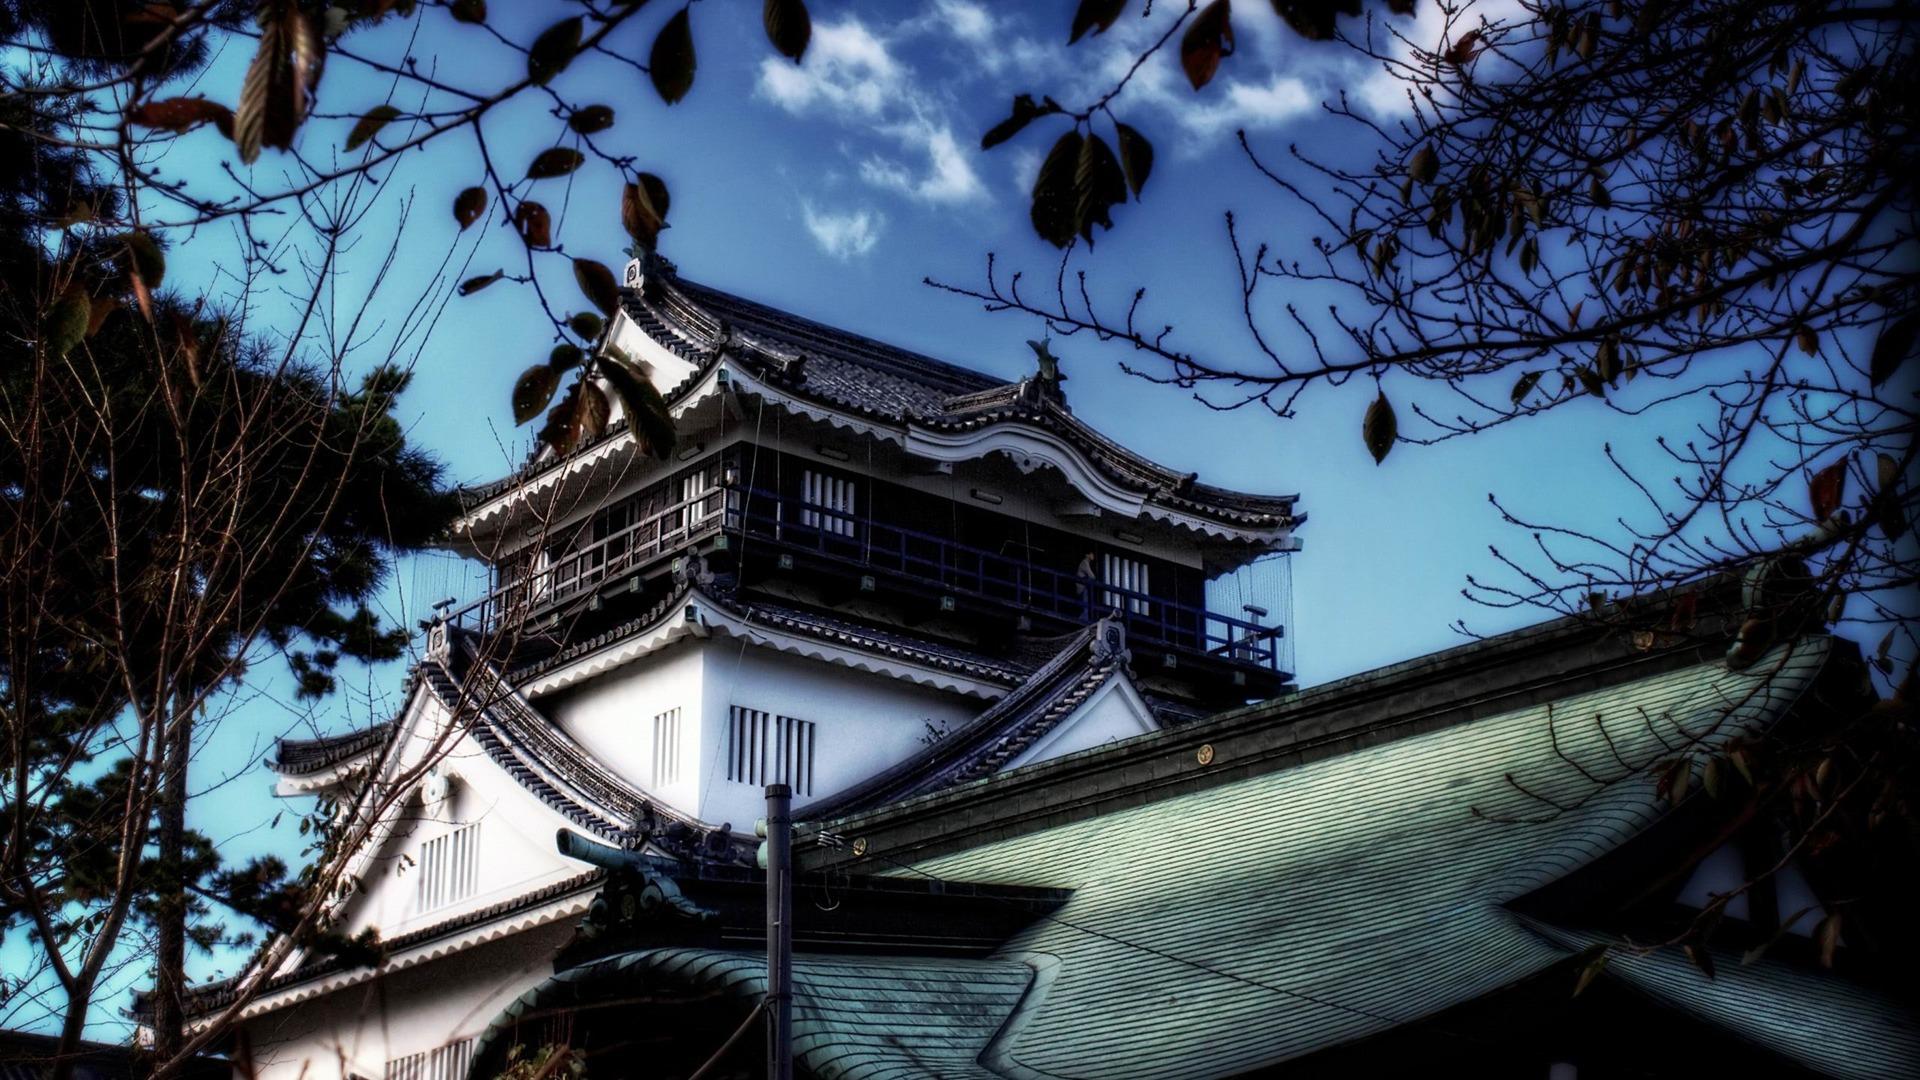 冈崎城-日本风景壁纸预览 | 10wallpaper.com